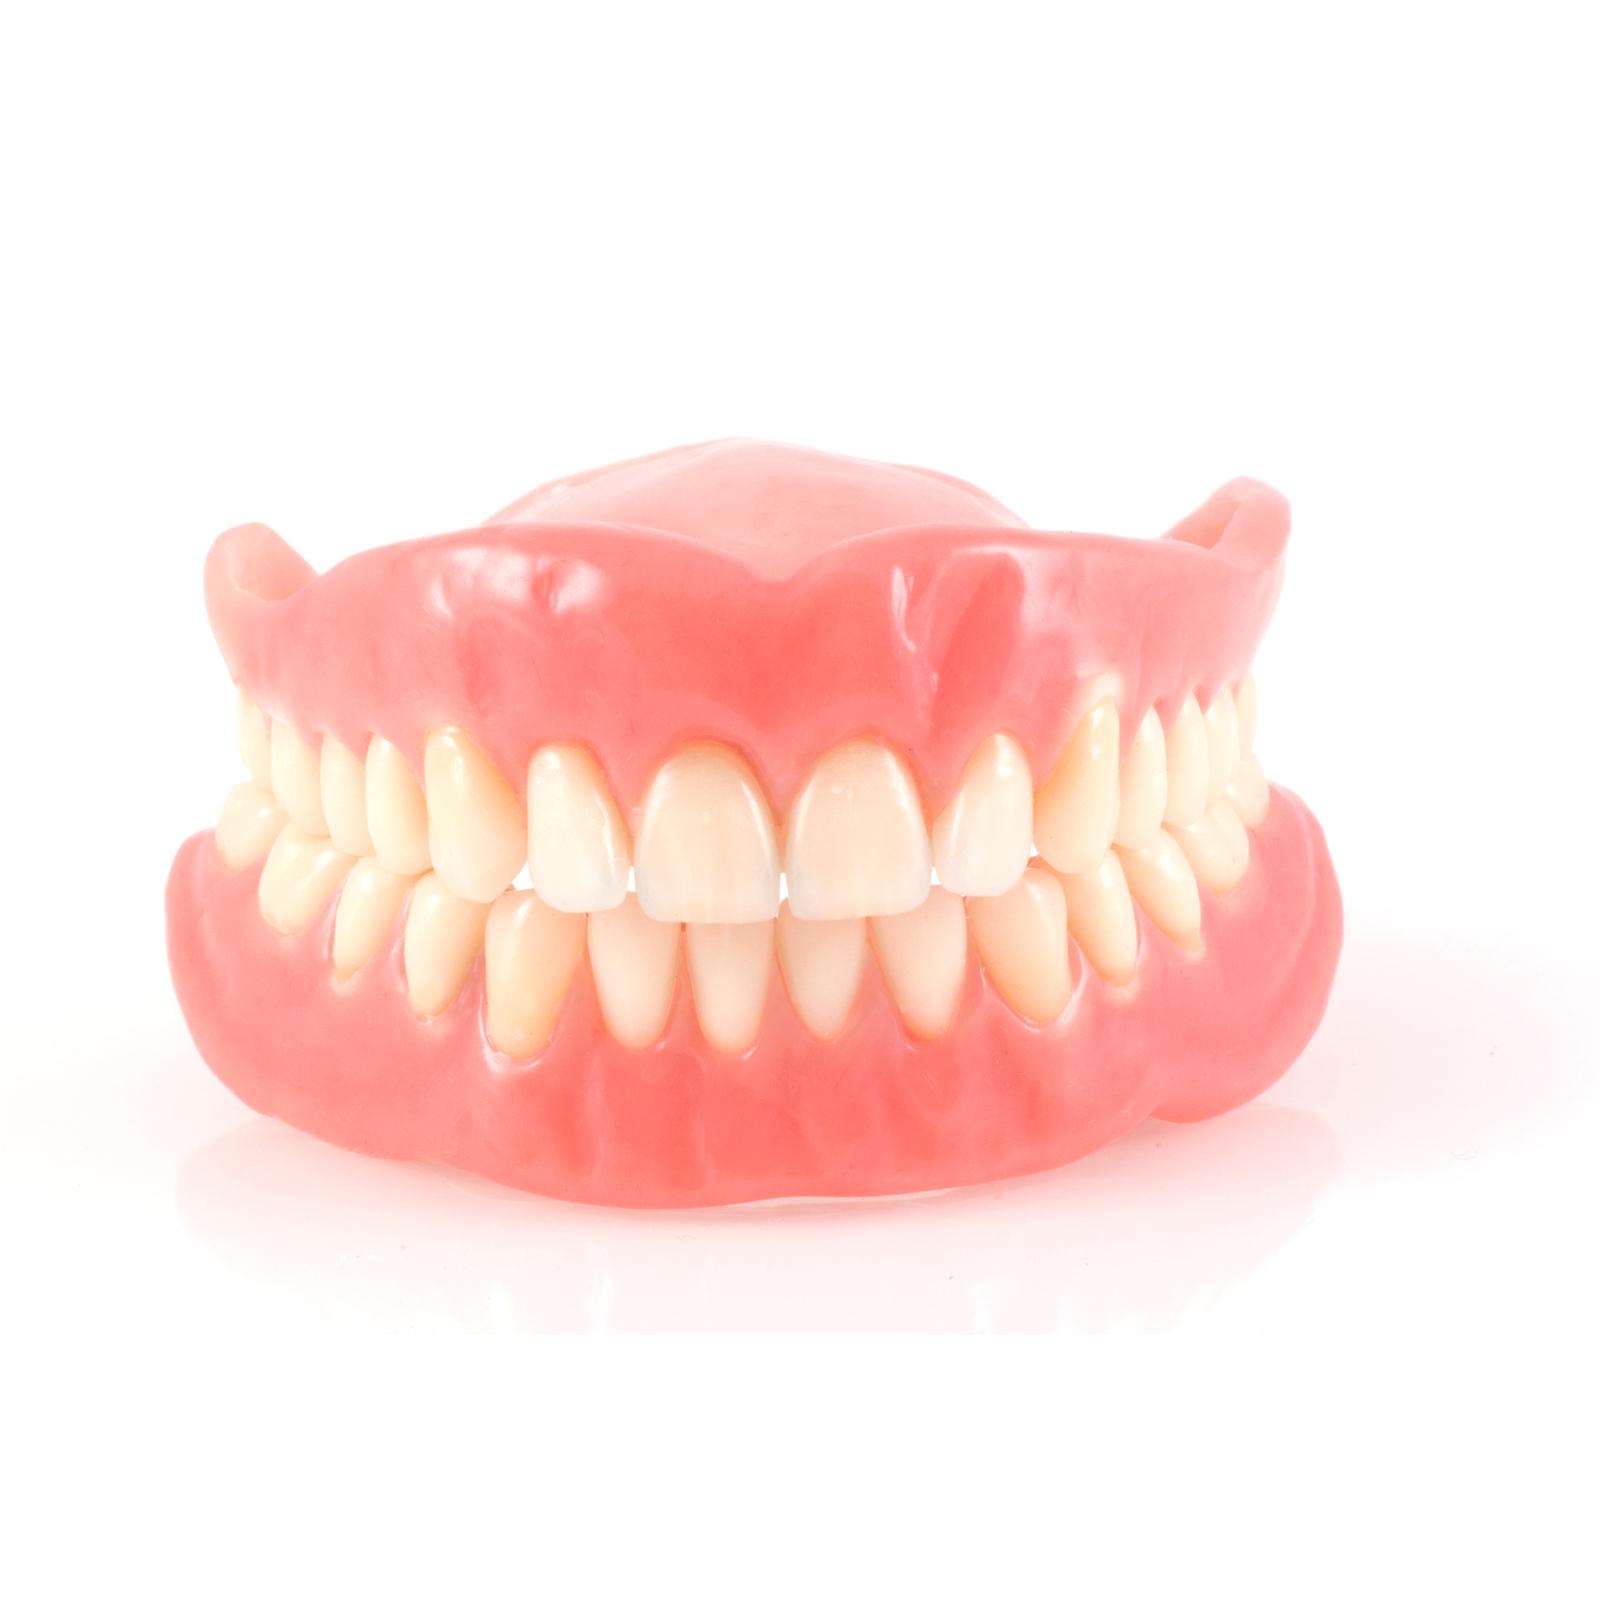 Чем склеить зубной протез в домашних условиях Домашний 43